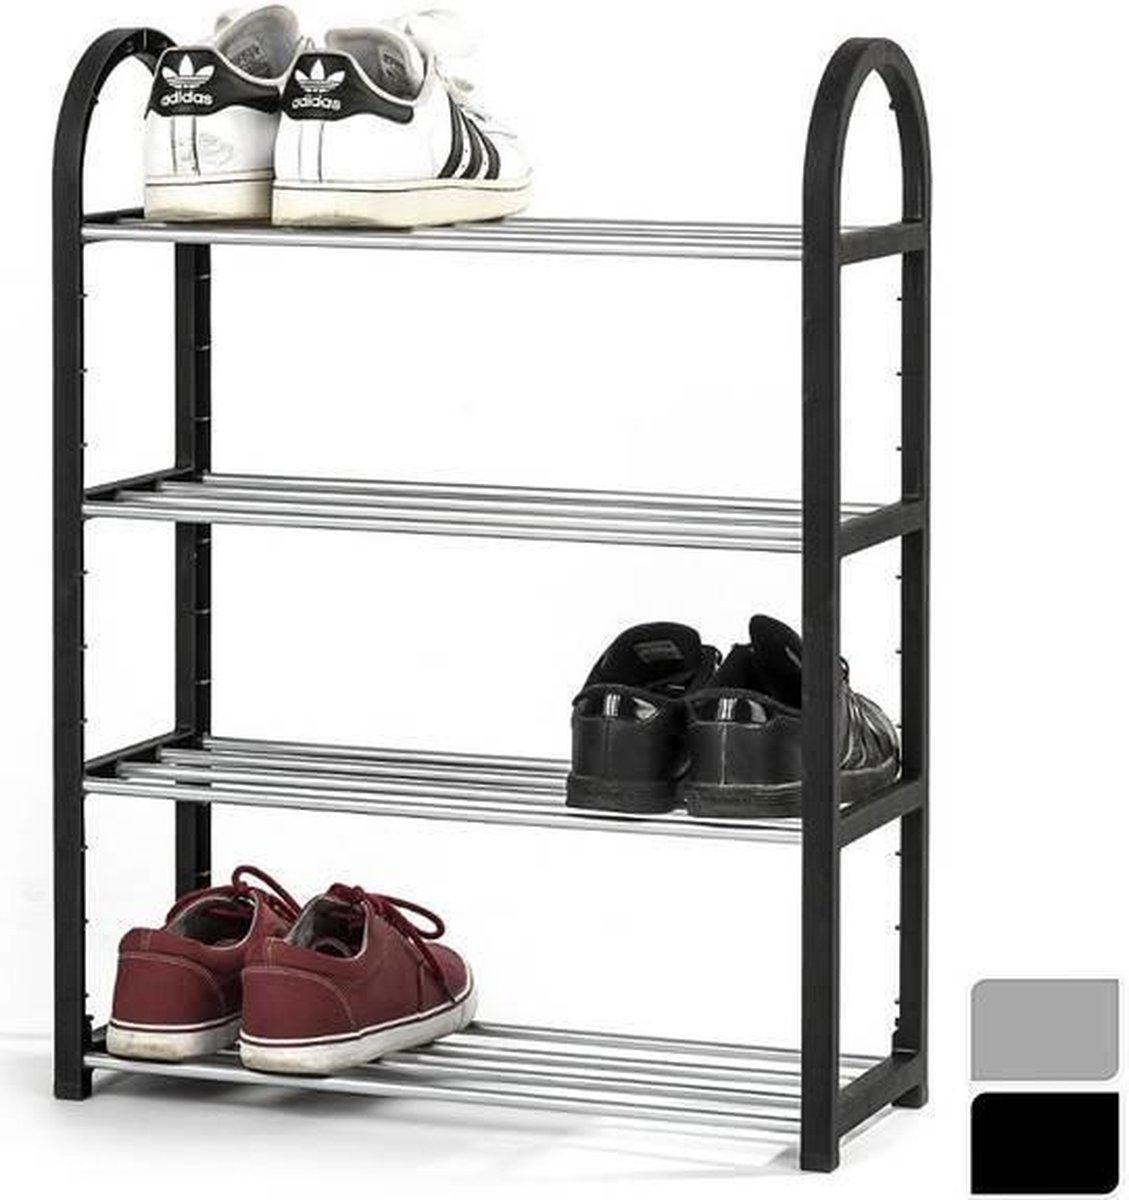 Mesa Living Schoenenrek - Voor 8 tot 12 Paar Schoenen - Zwart - Metaal